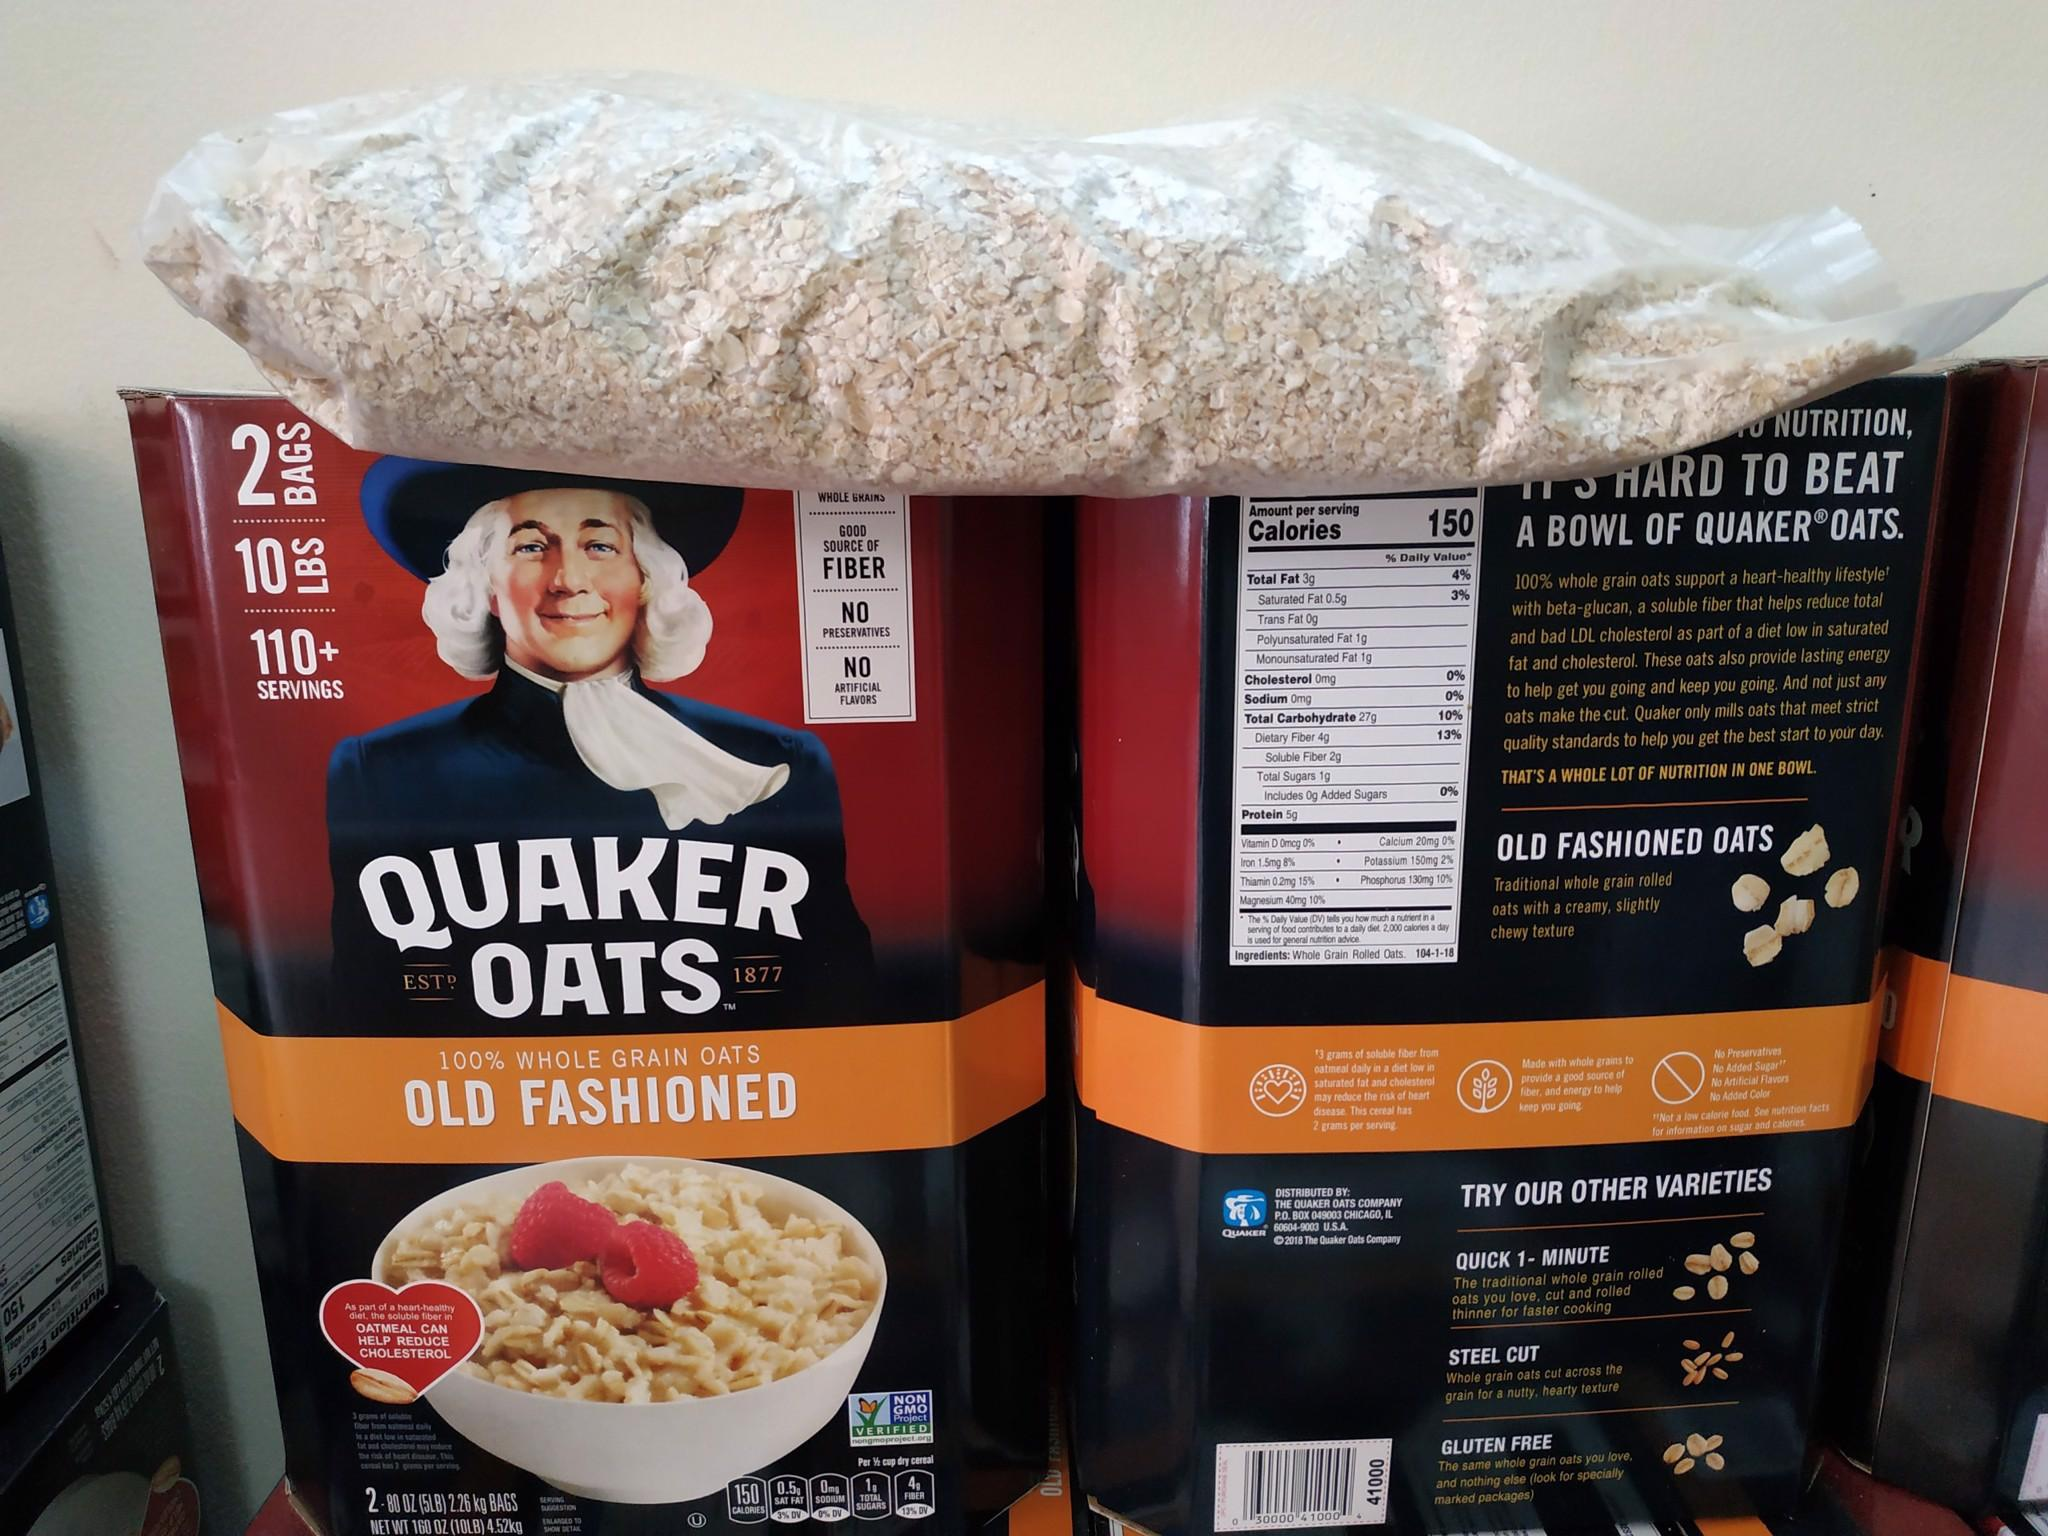 Nửa Thùng Yến Mạch Quaker Oats Old Fashiones 2.25kg - Mỹ Siêu Khuyến Mãi